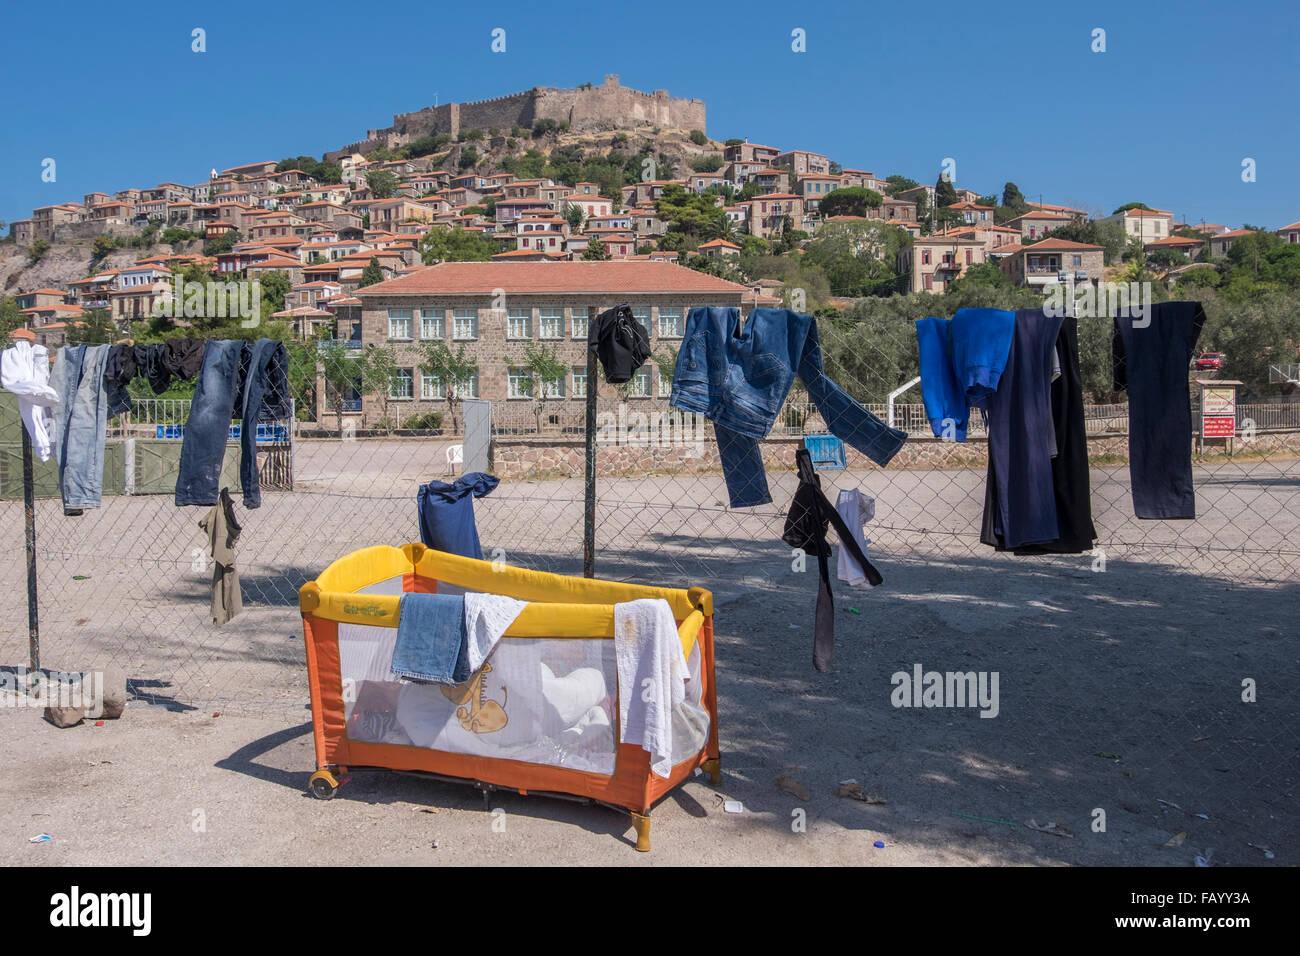 Las ropas de los refugiados recientemente llegados de secado en una valla y una cuna del bebé en el borde de la Foto de stock